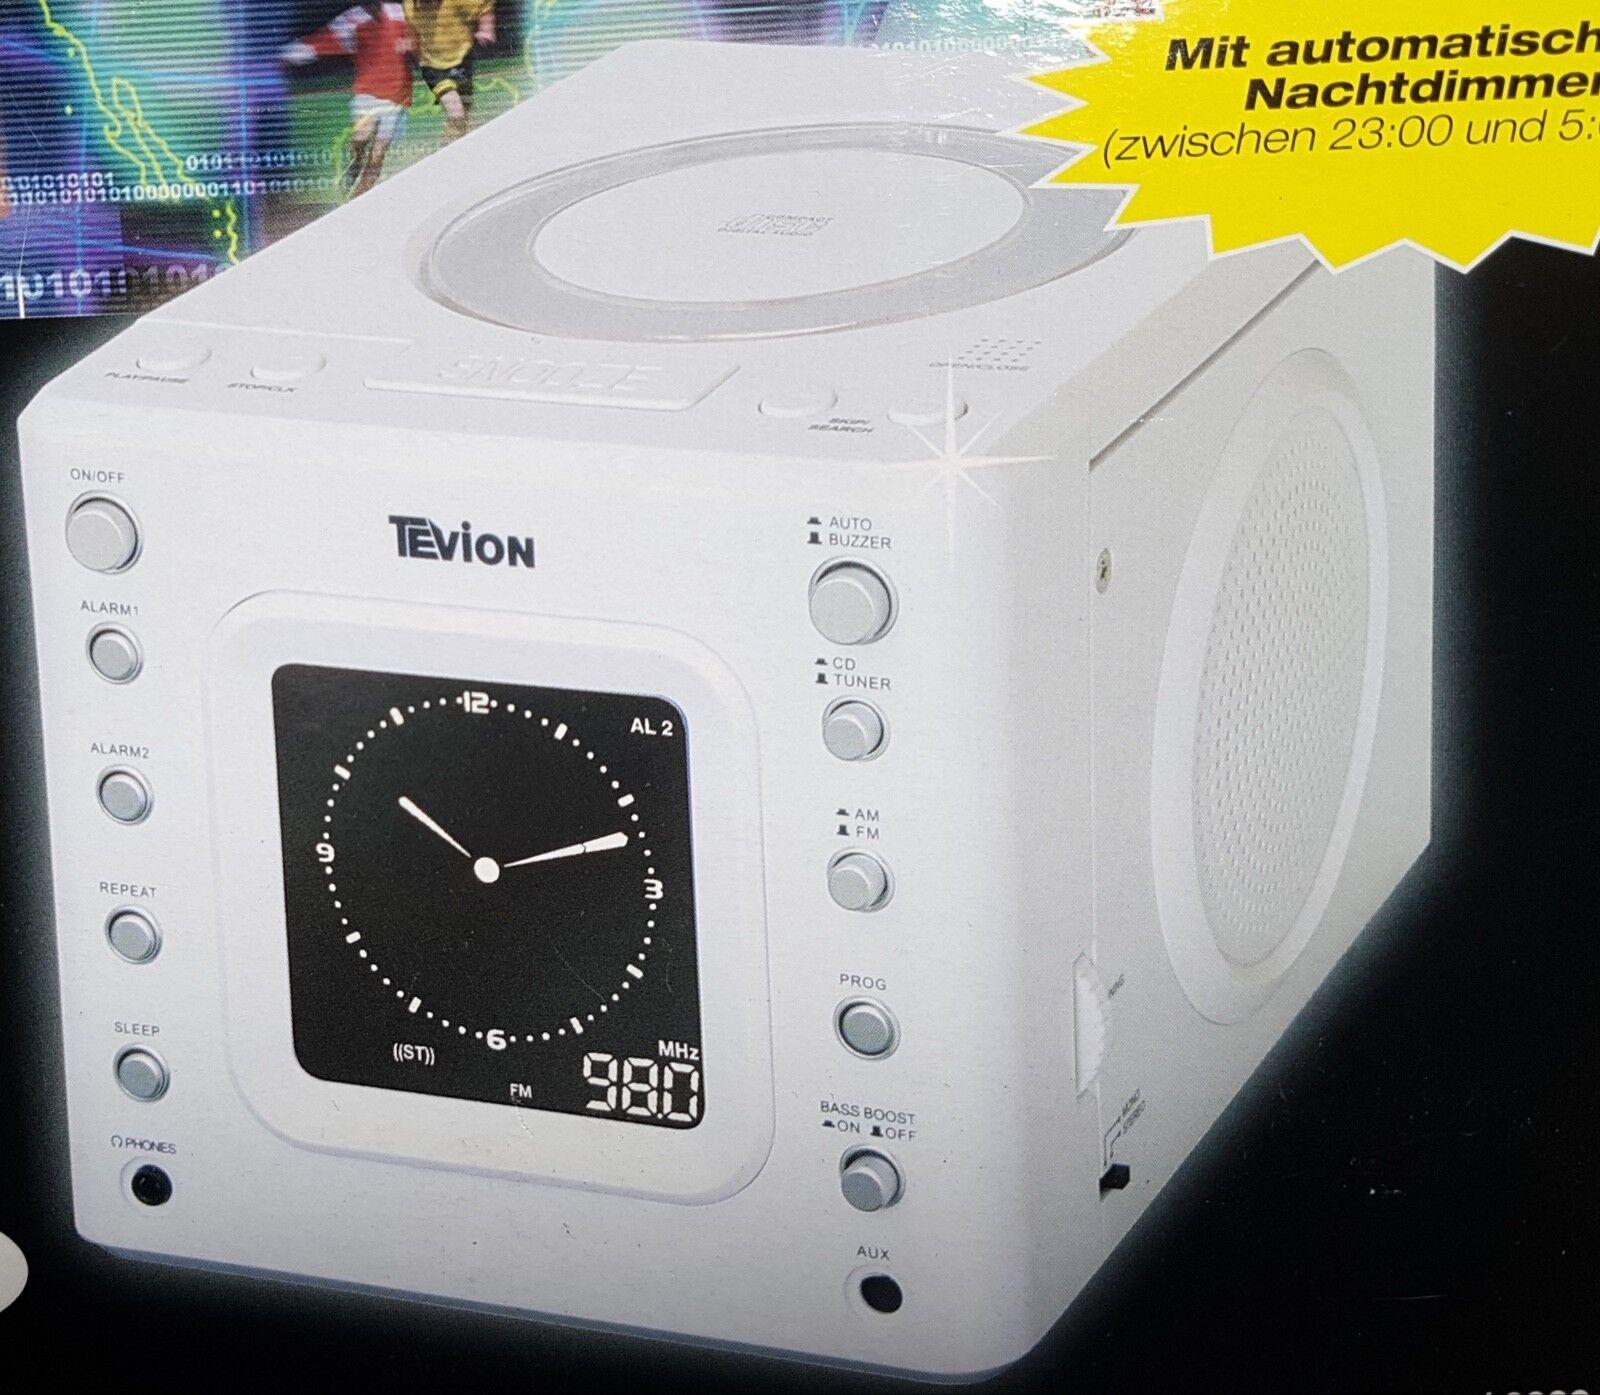 CD Radio uhrenradio küchenradio mit cd player Kinderzimmer Farbe weiß.